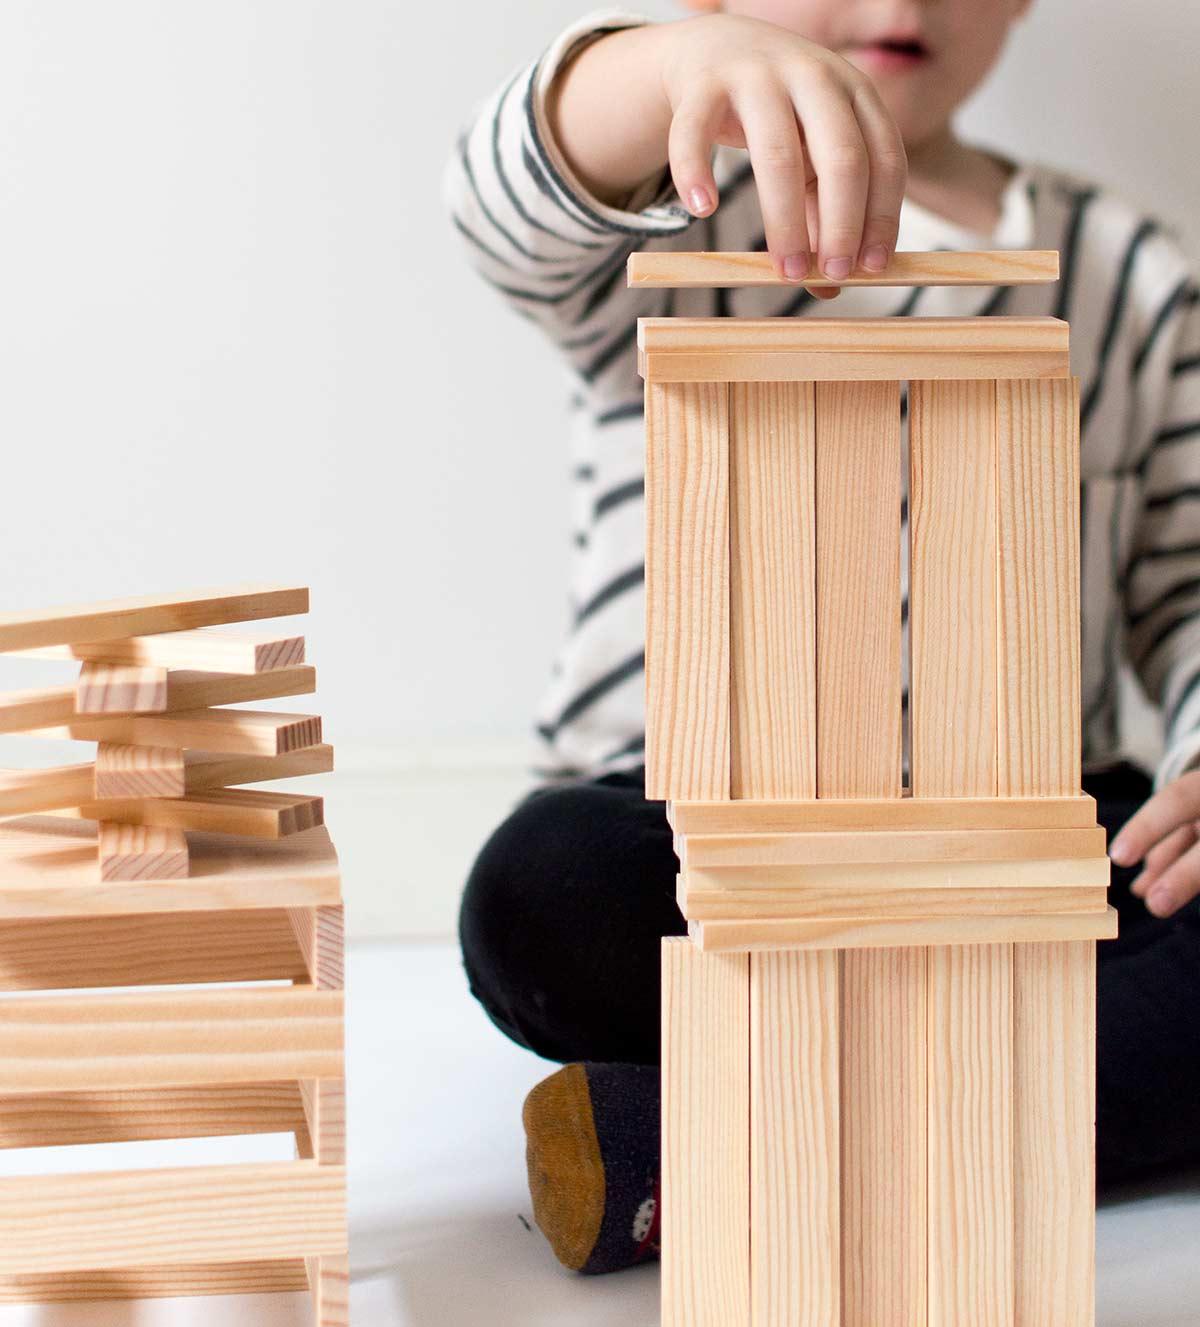 Kapla juego de construccion